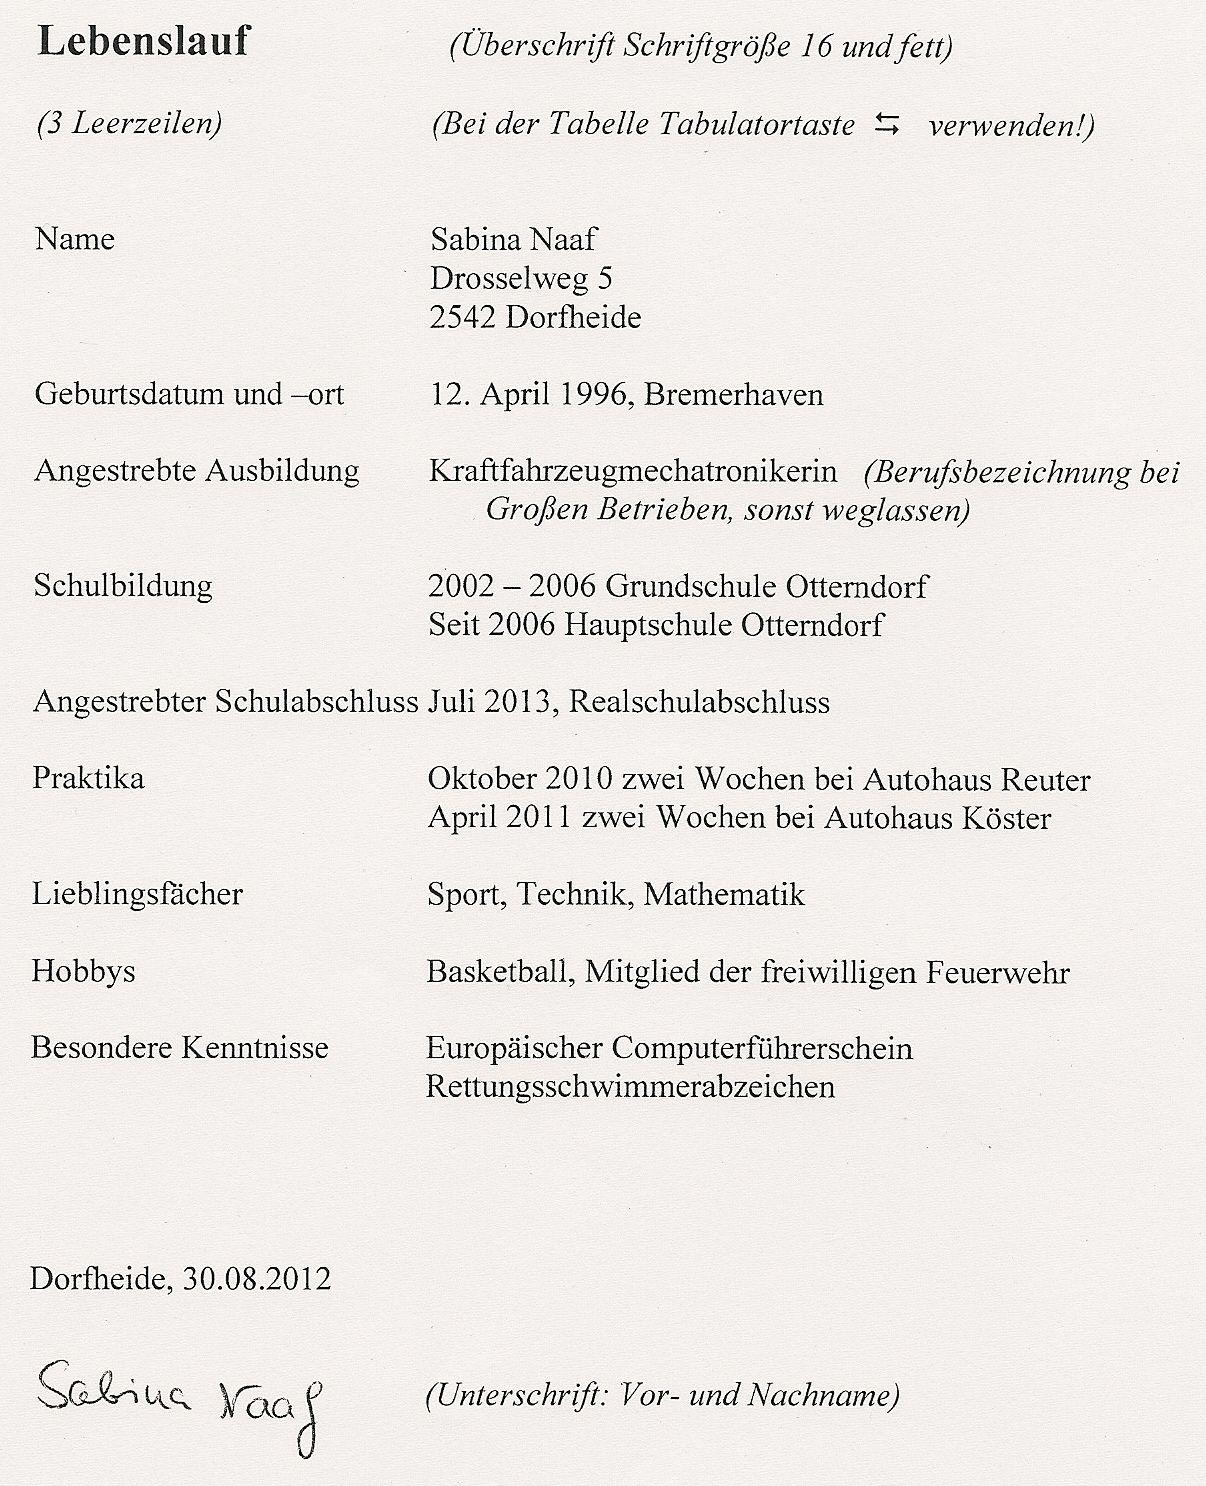 lebenslauf download - Lebenslauf Schriftgrose